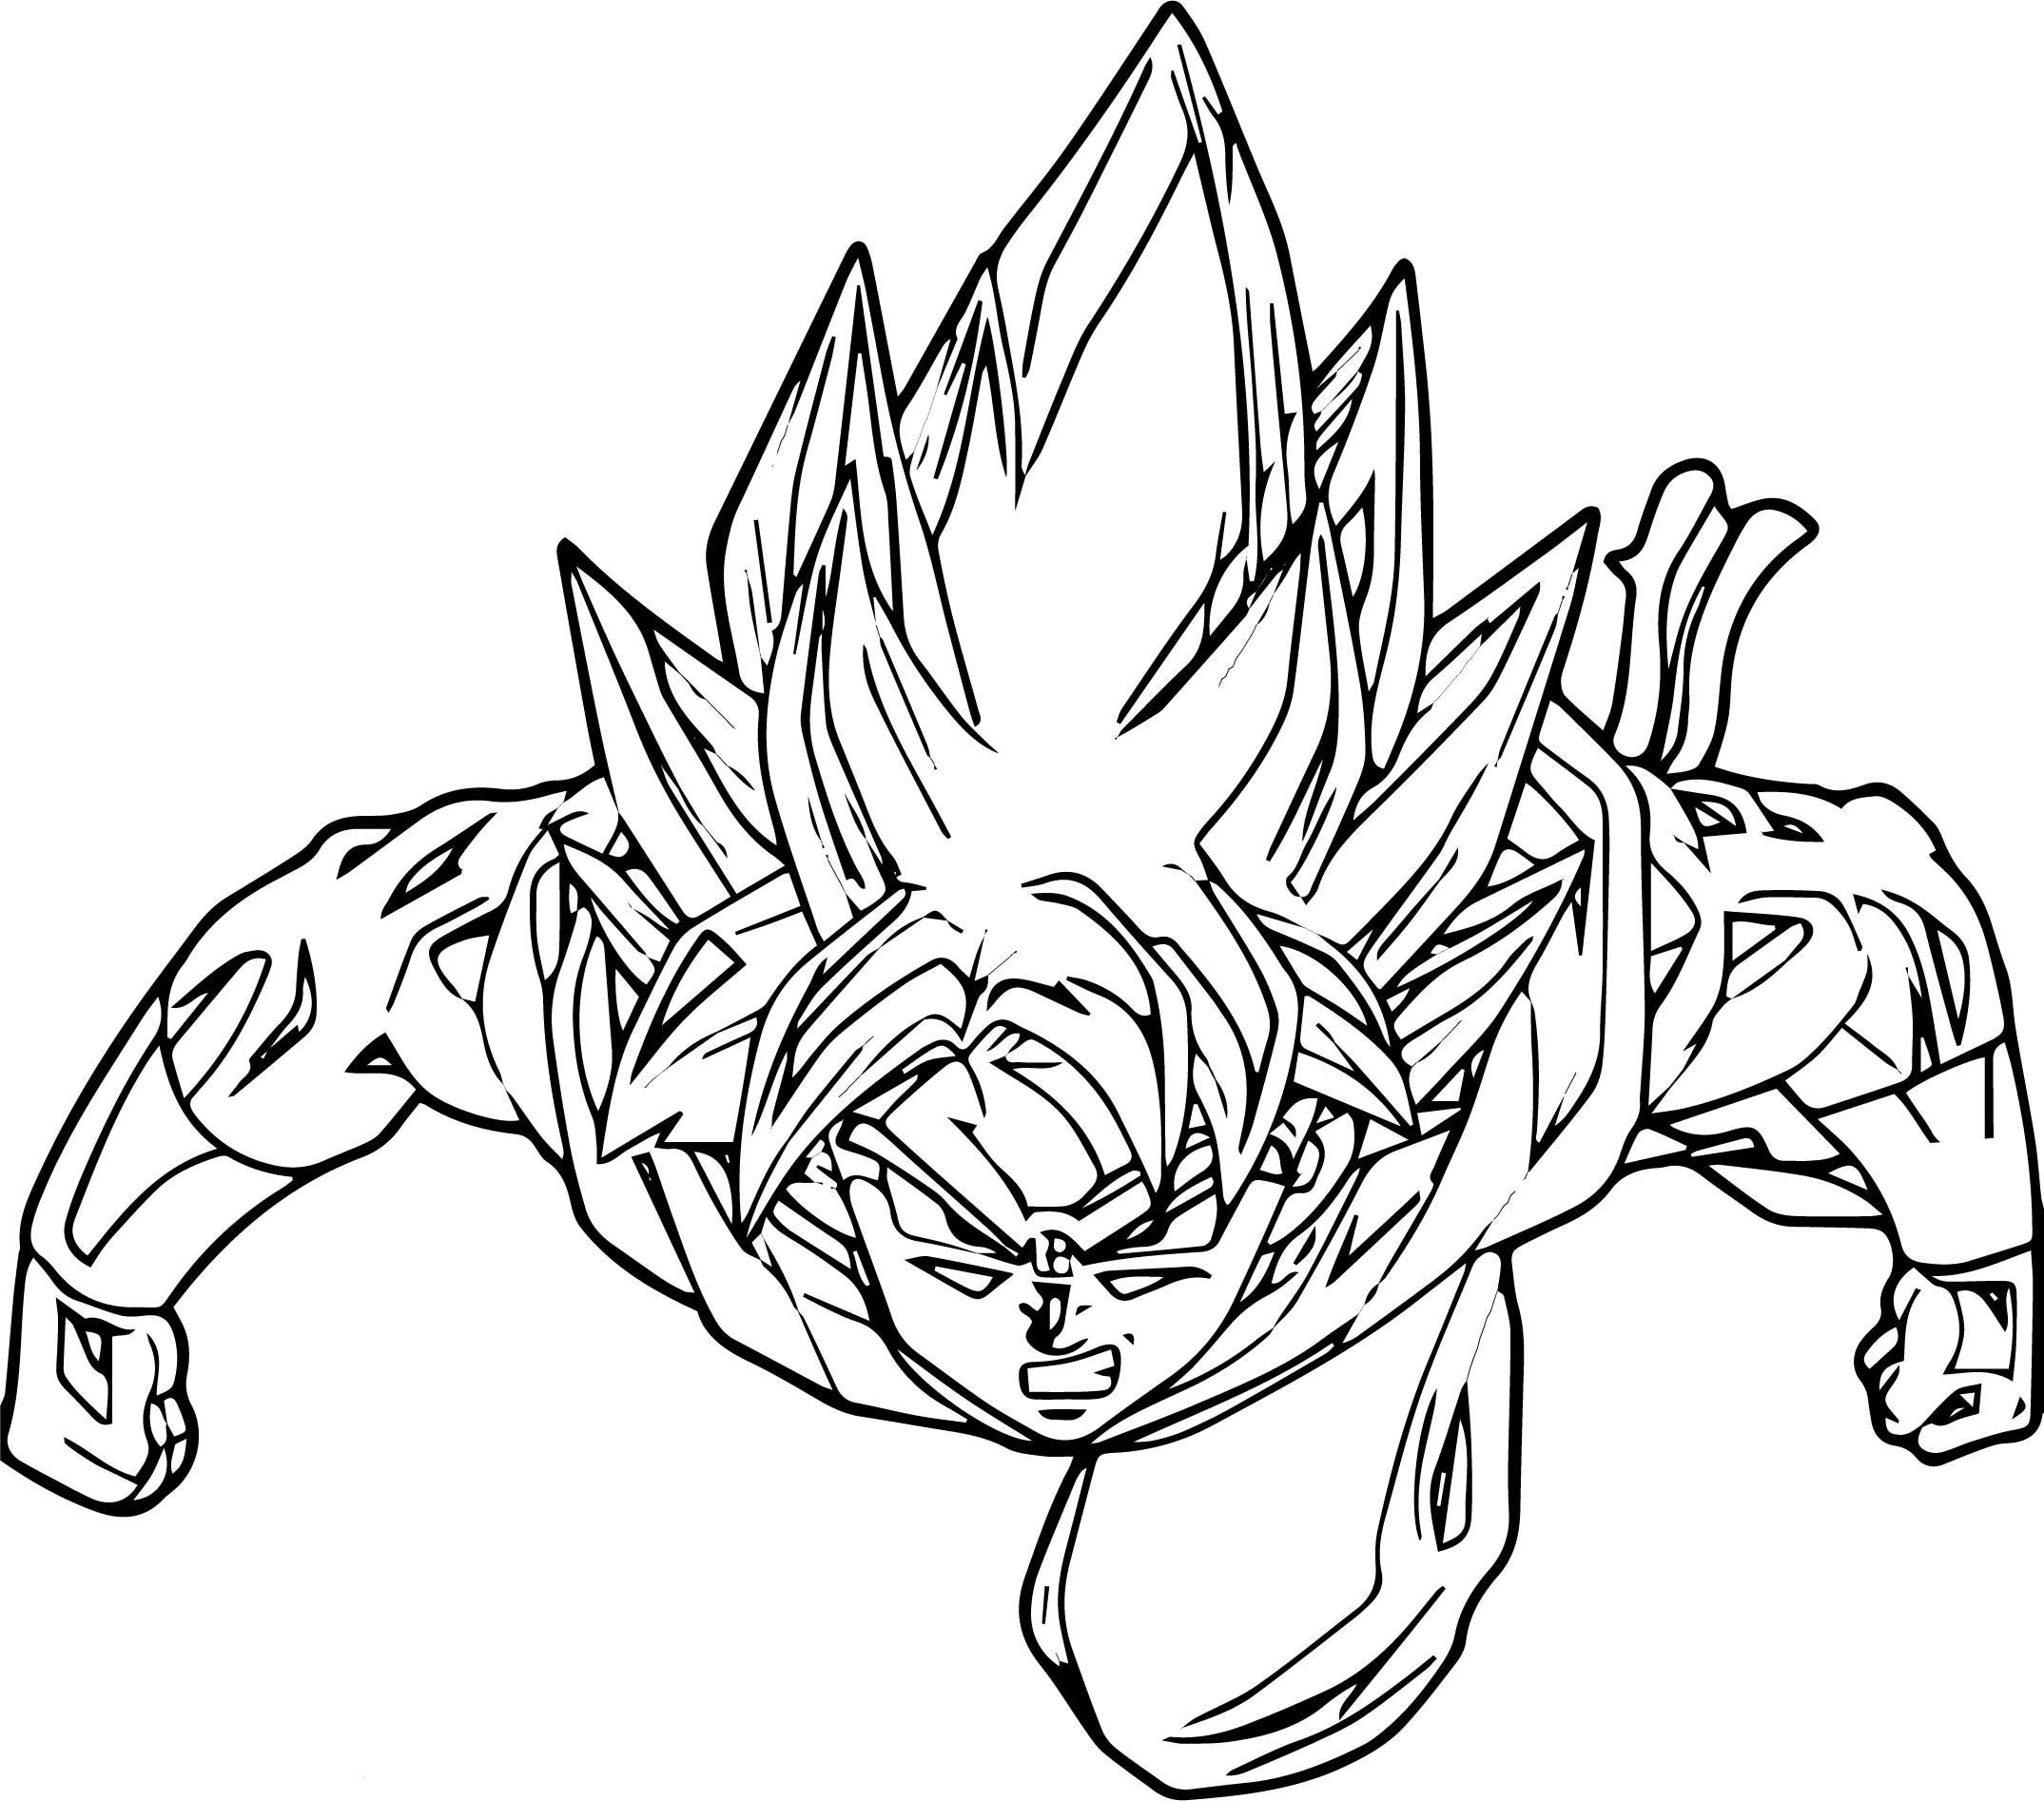 2149x1894 Goku We Coloring